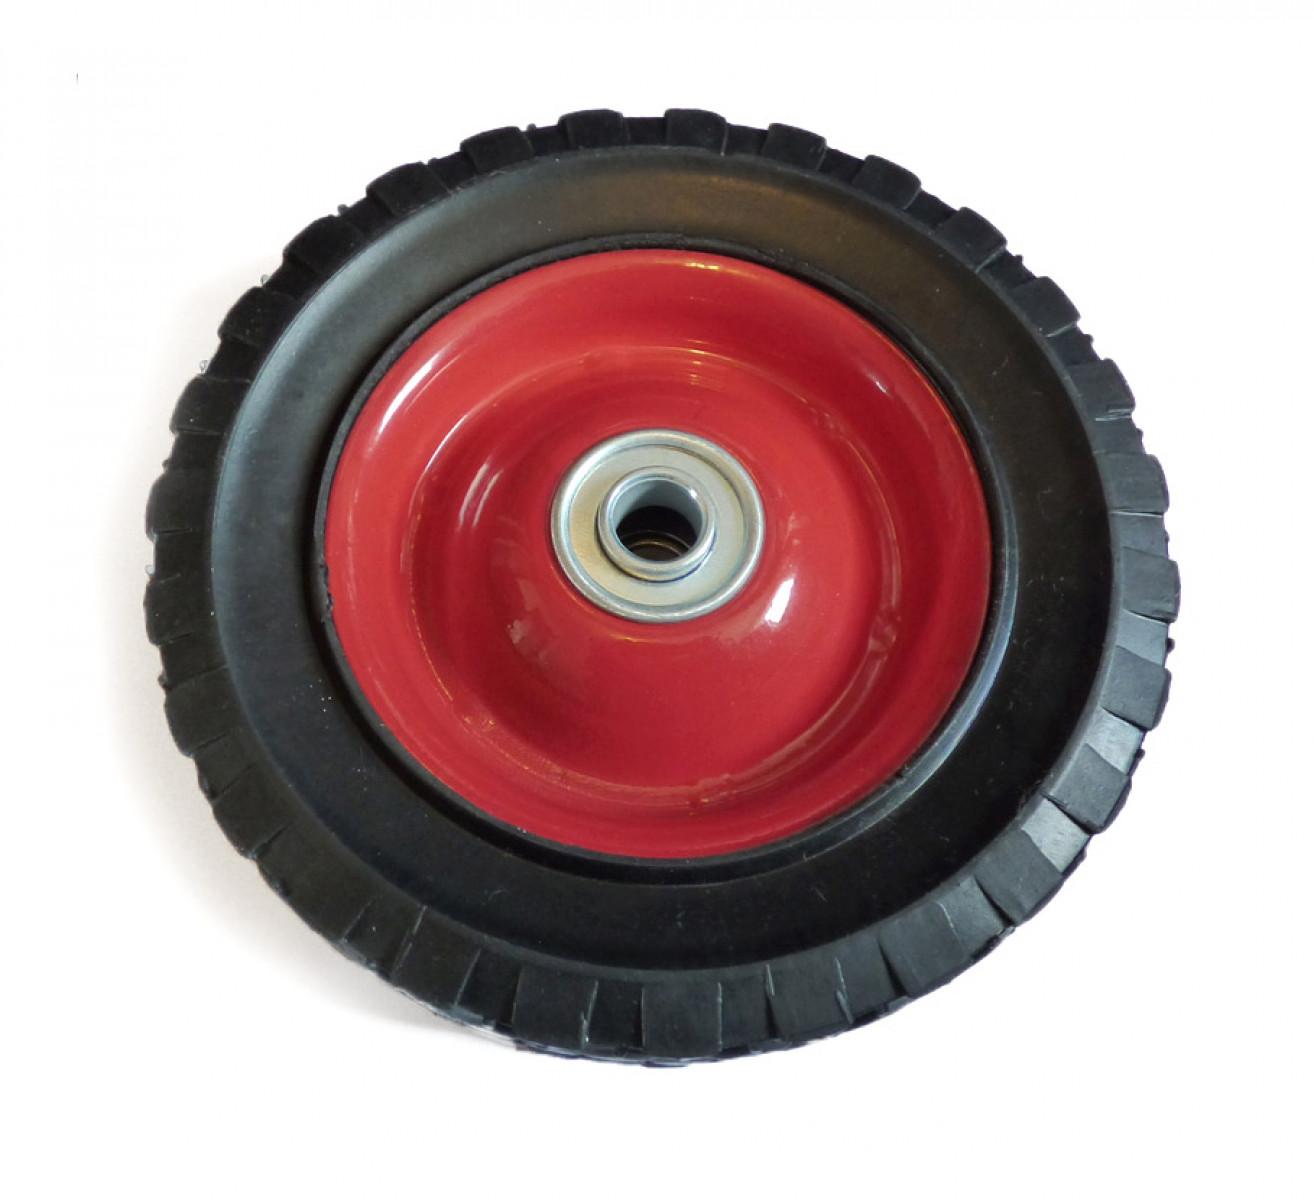 Univerzální kolo 175mm - kovové ložisko, pryžová pneumatika